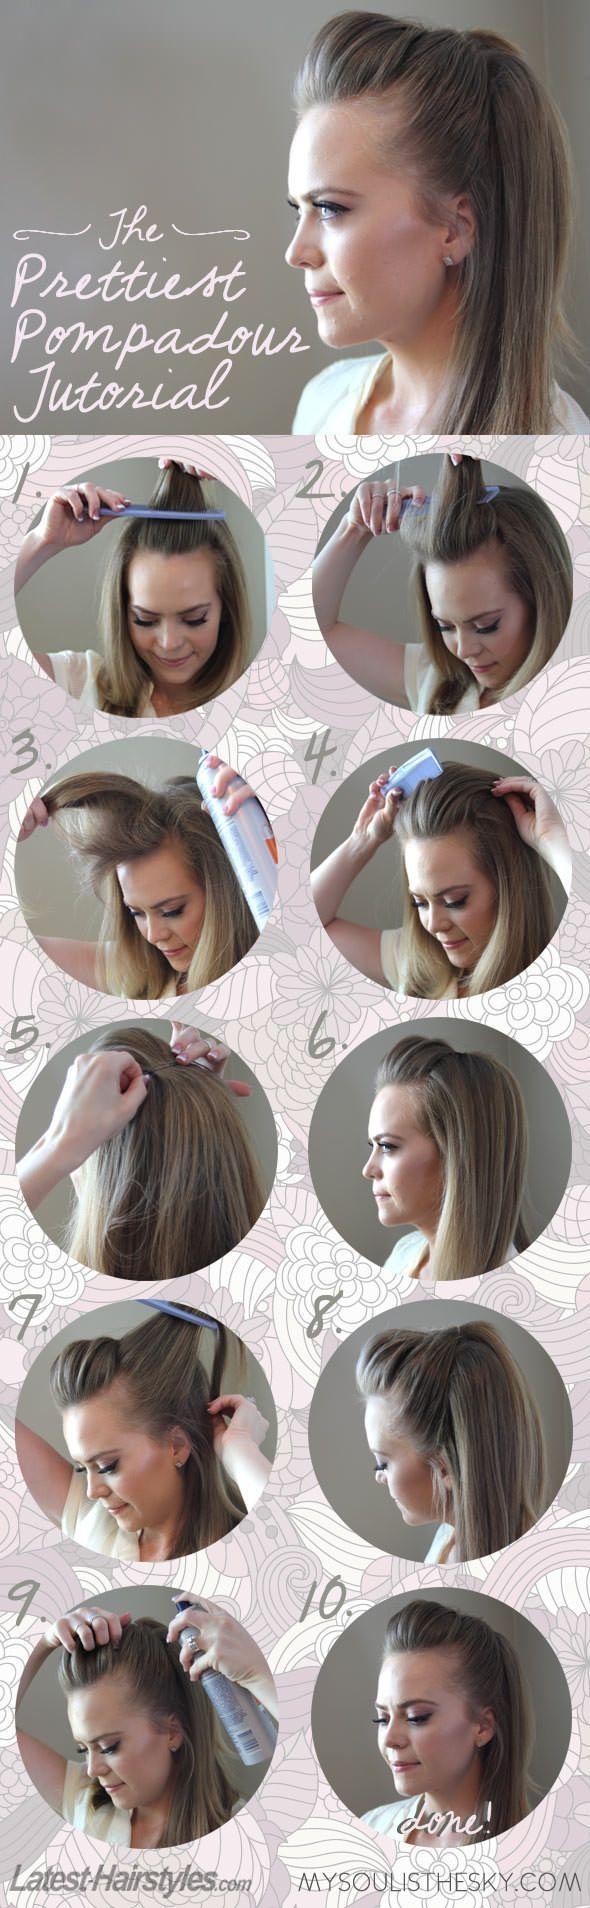 Diy pompador diy easy diy diy beauty diy hair diy fashion beauty diy